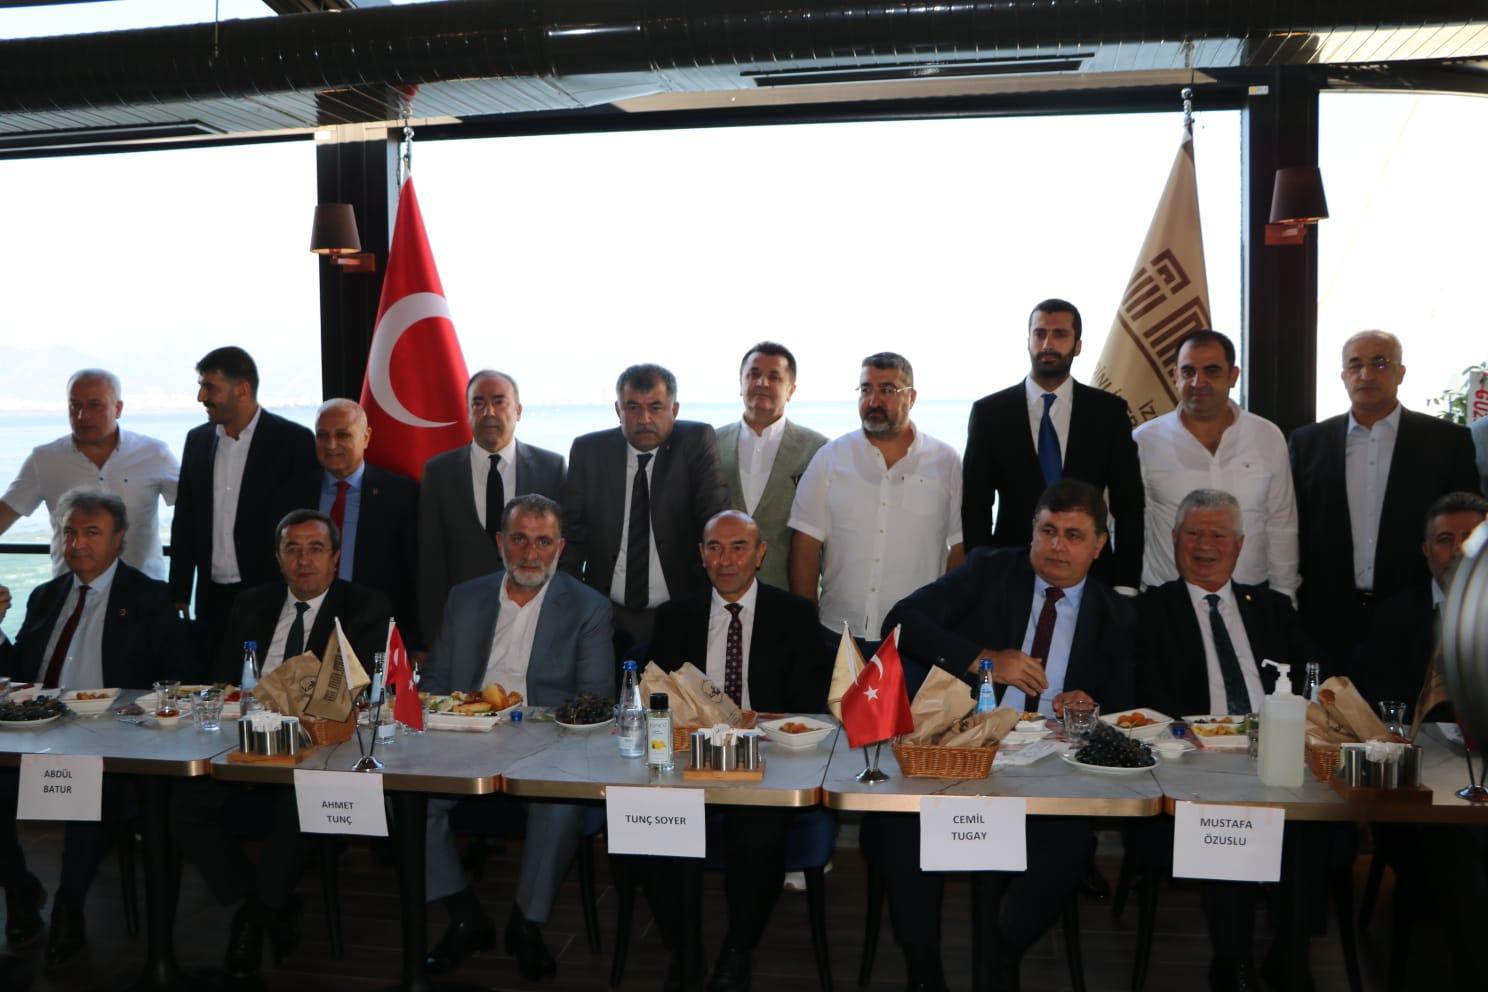 İMAF İzmirli başkanlarla bir araya geldi-gazetesi